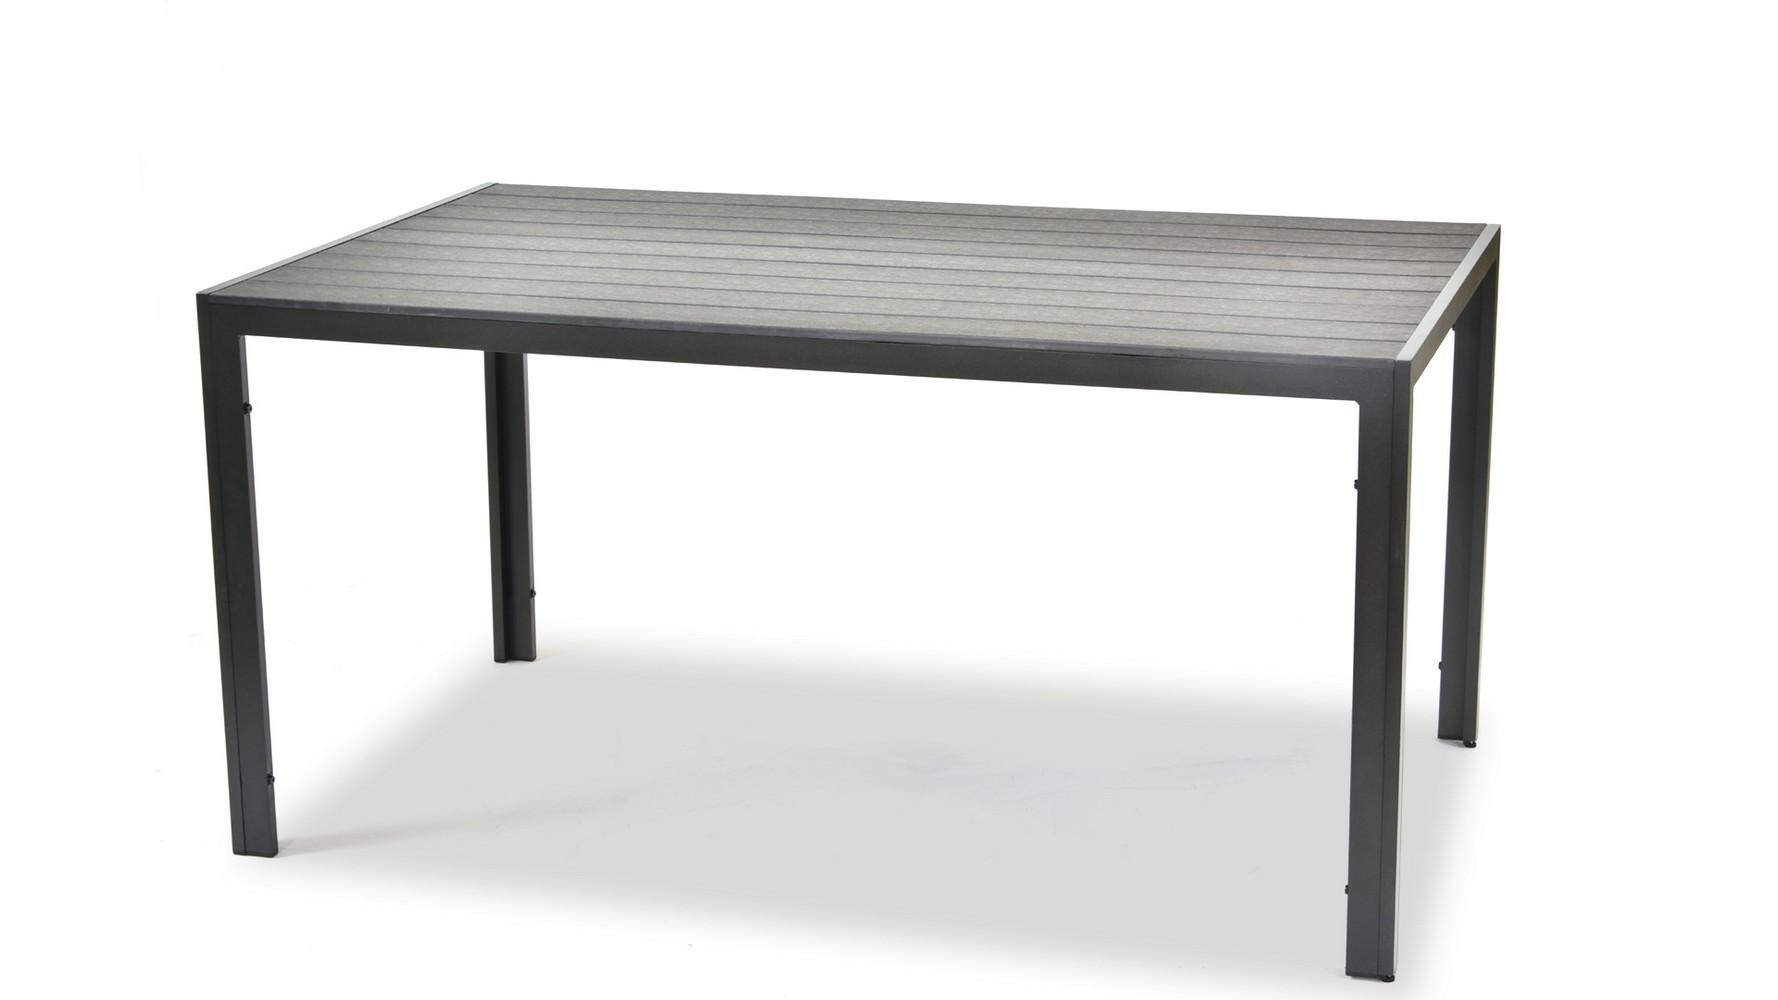 VIKING L jídelní stůl, cena za ks